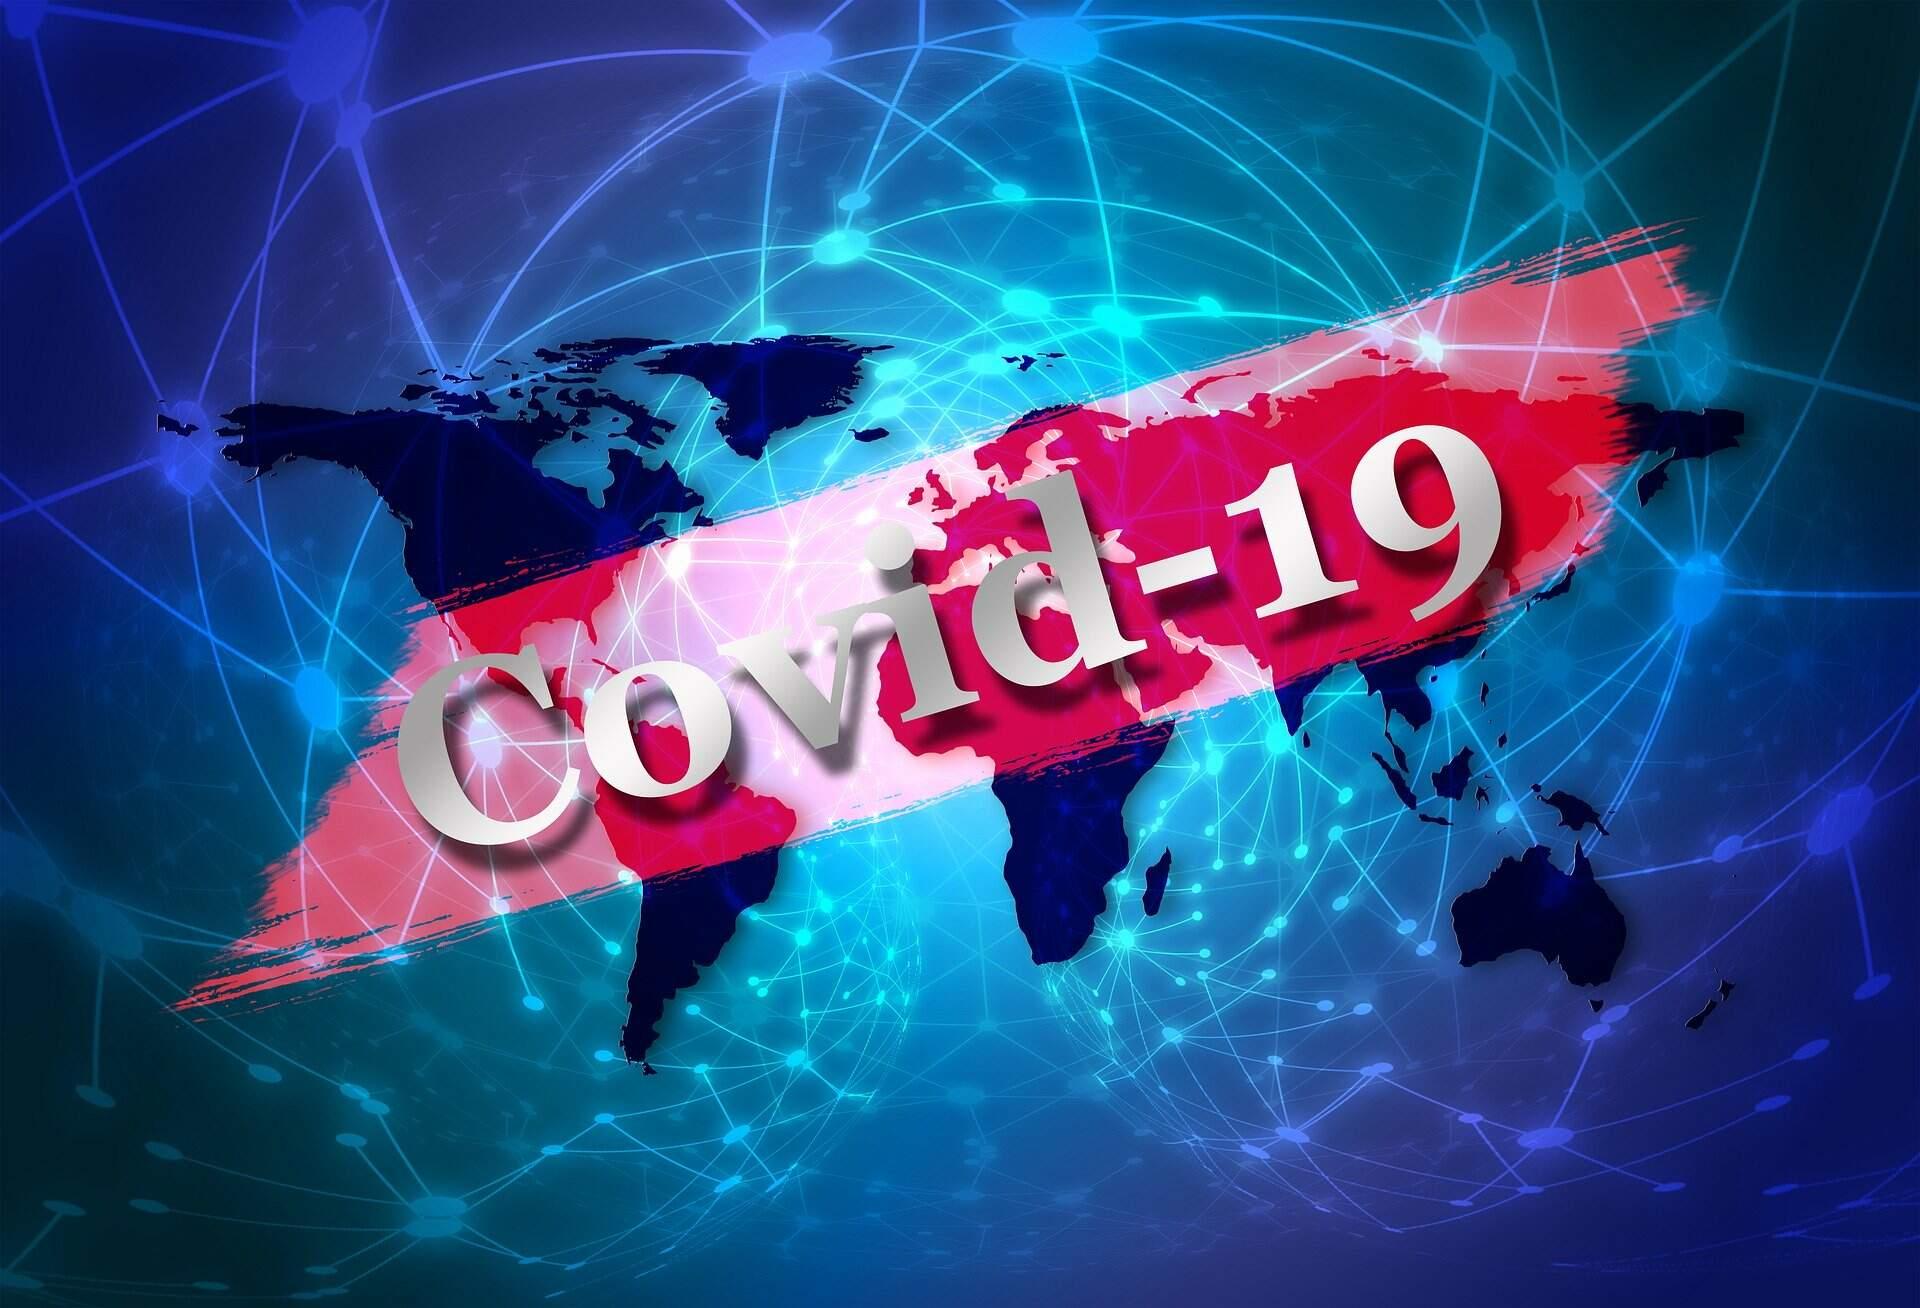 Brasil registra novo recorde com 1.349 mortes por Covid-19 em 24h